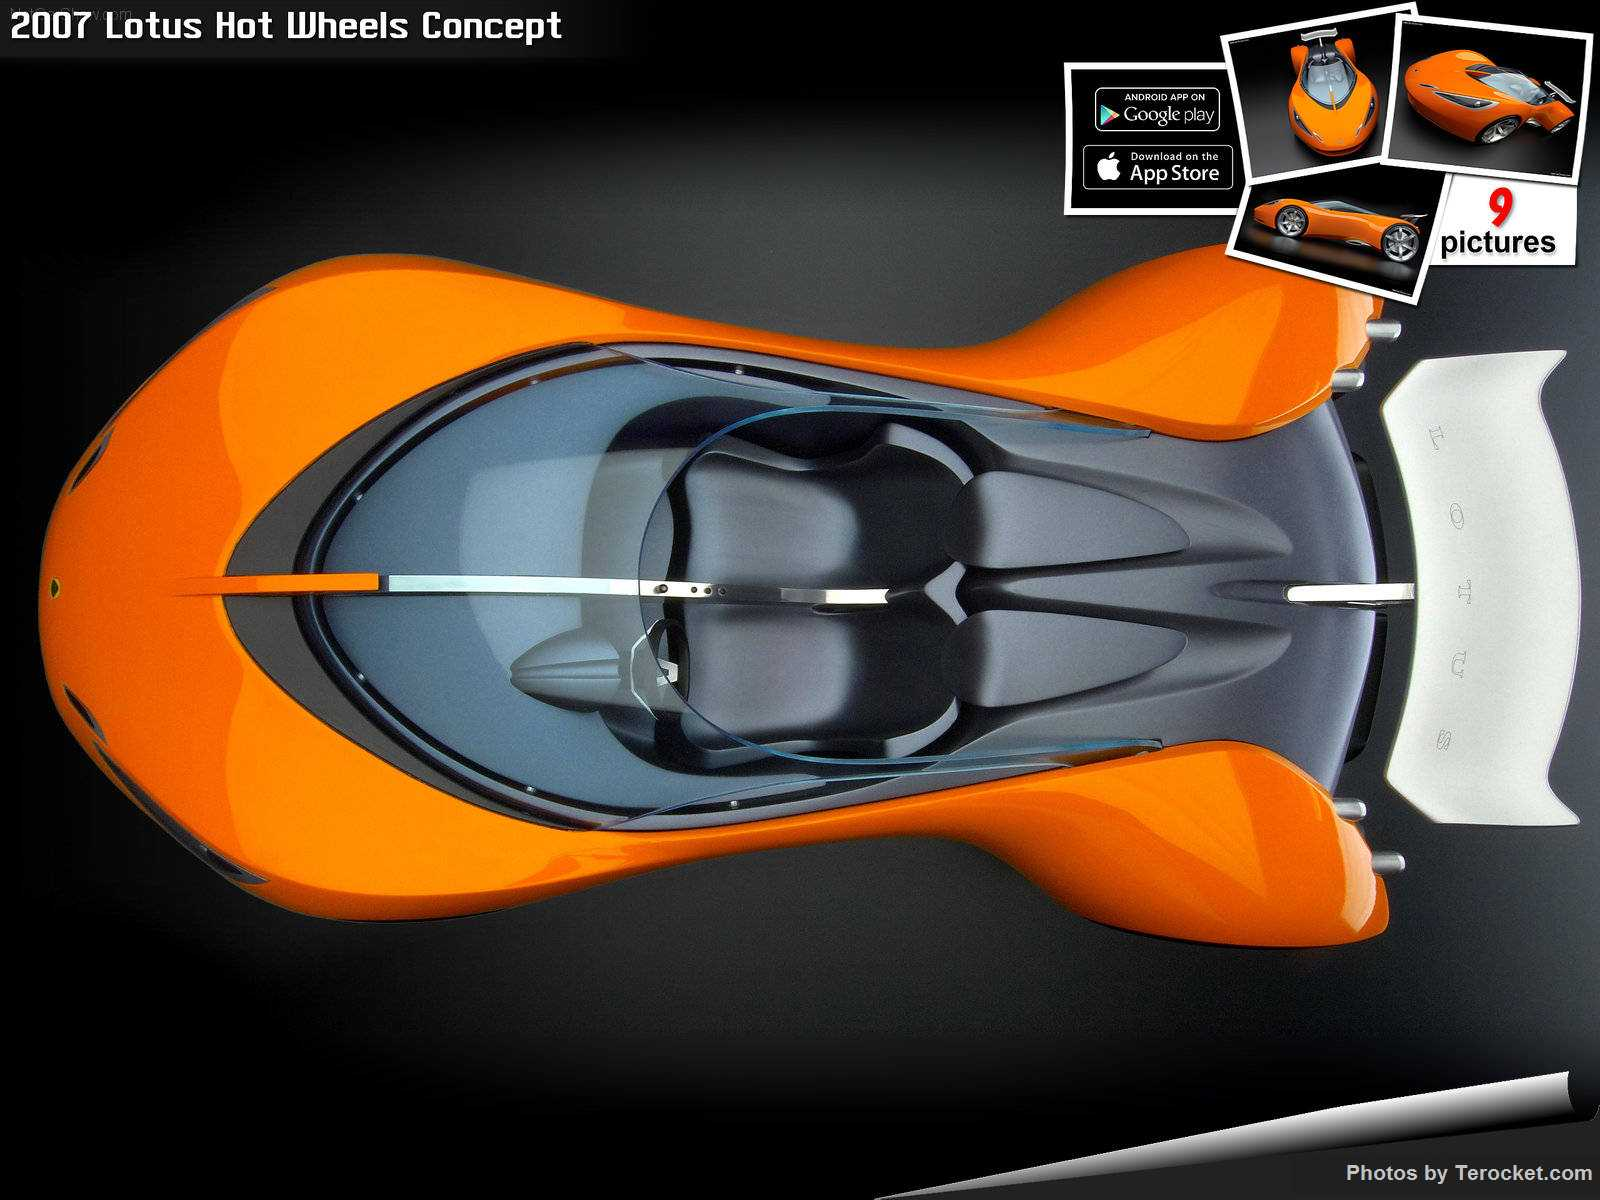 Hình ảnh siêu xe Lotus Hot Wheels Concept 2007 & nội ngoại thất